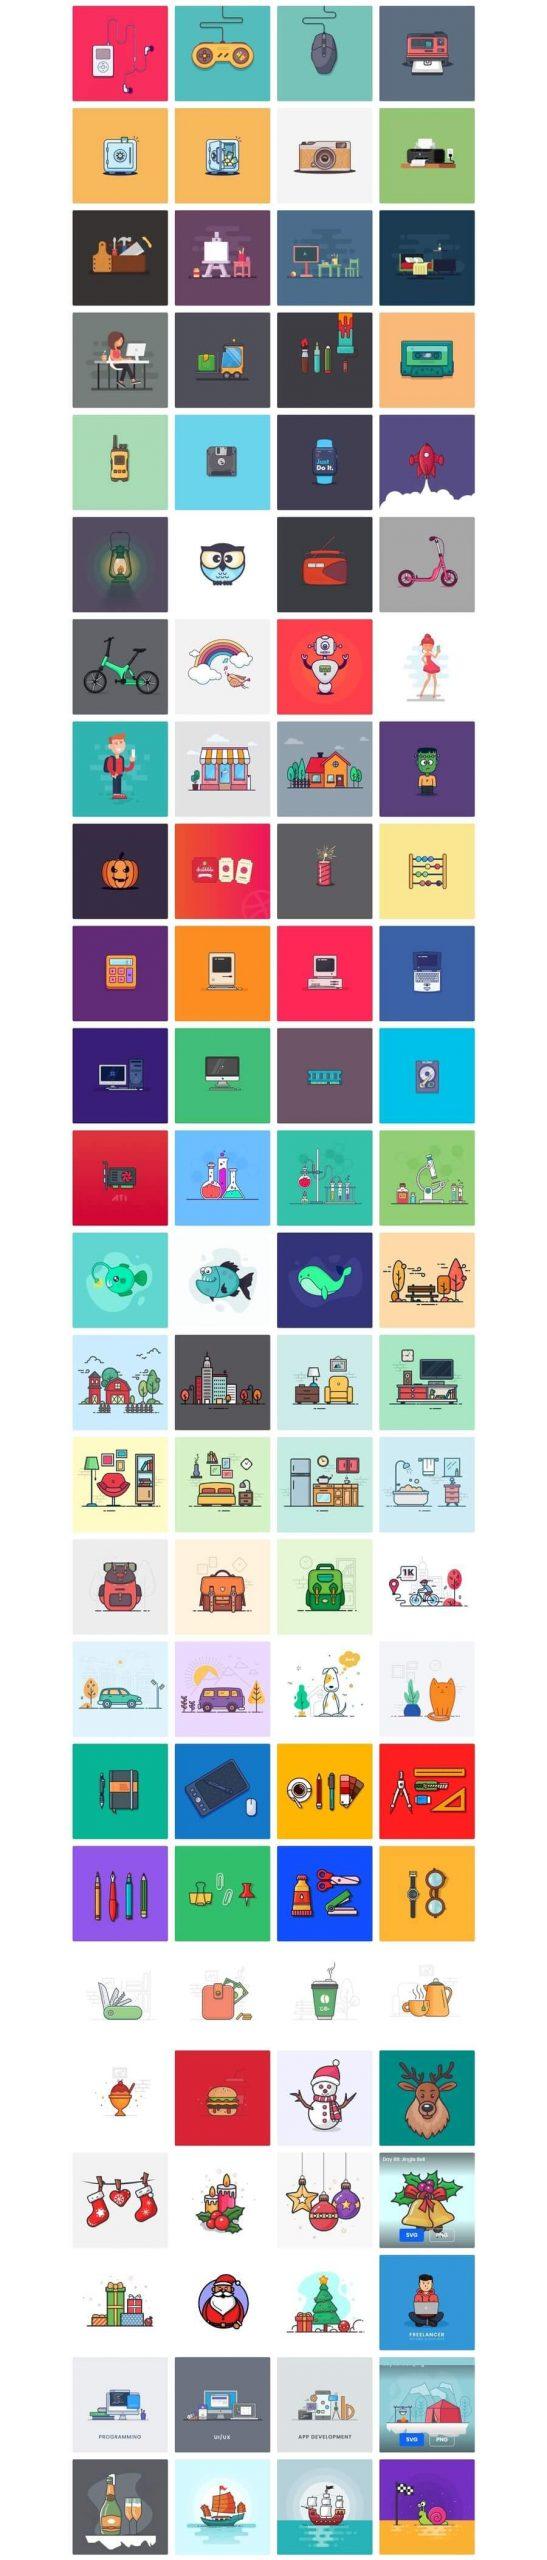 Elegantes ilustraciones gratuitas que puedes usar libremente